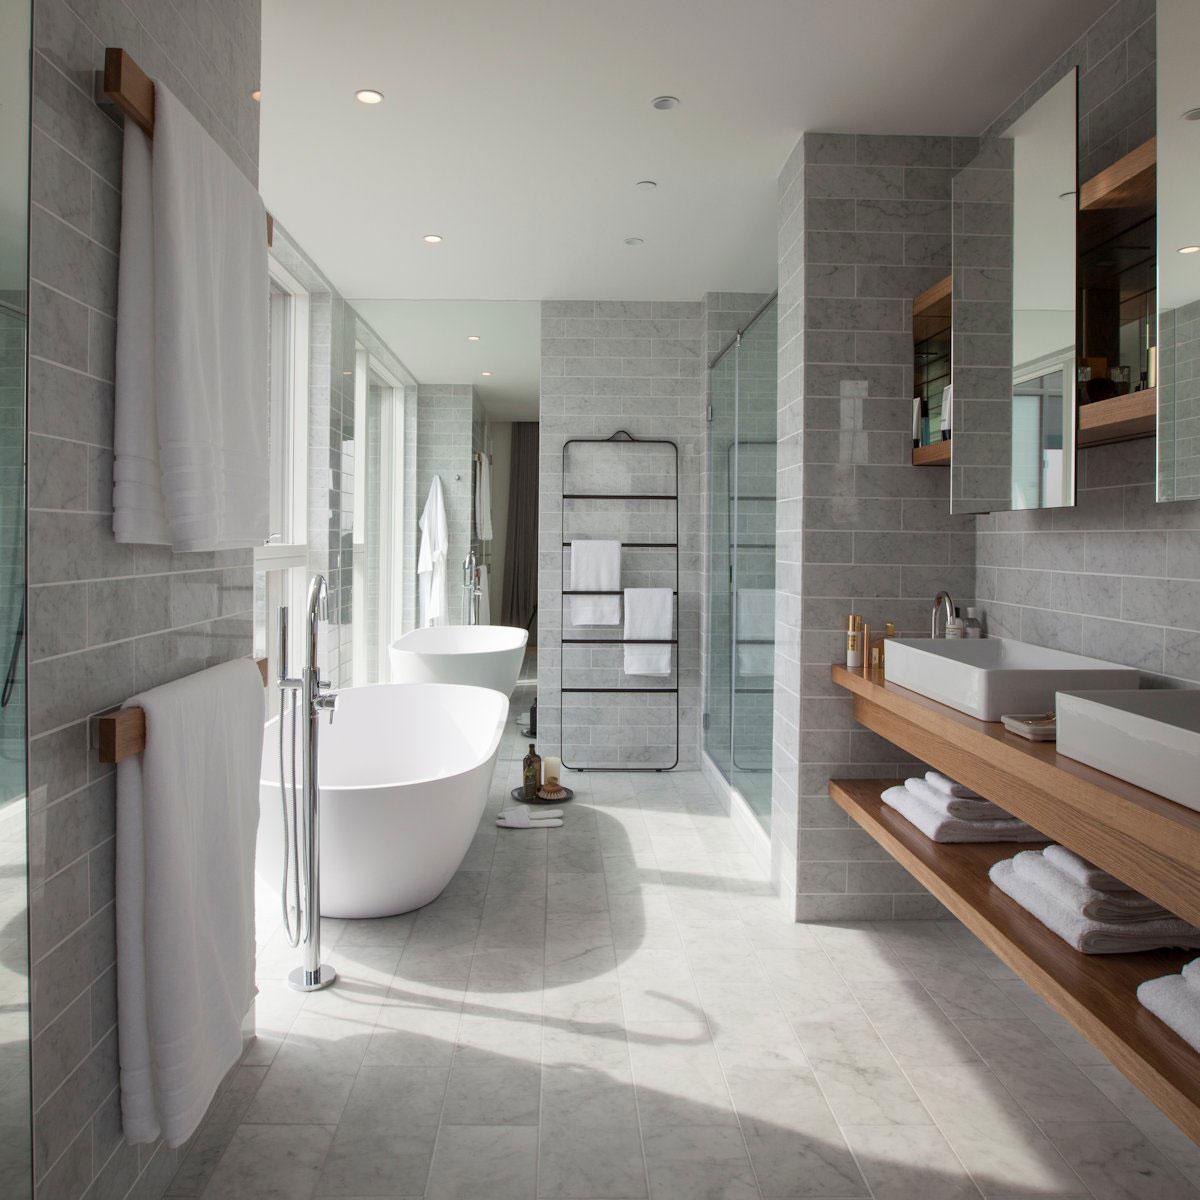 Trevligt badrum-inredning-design-värt att se-12 Trevligt-badrum-inredning design-värt att se